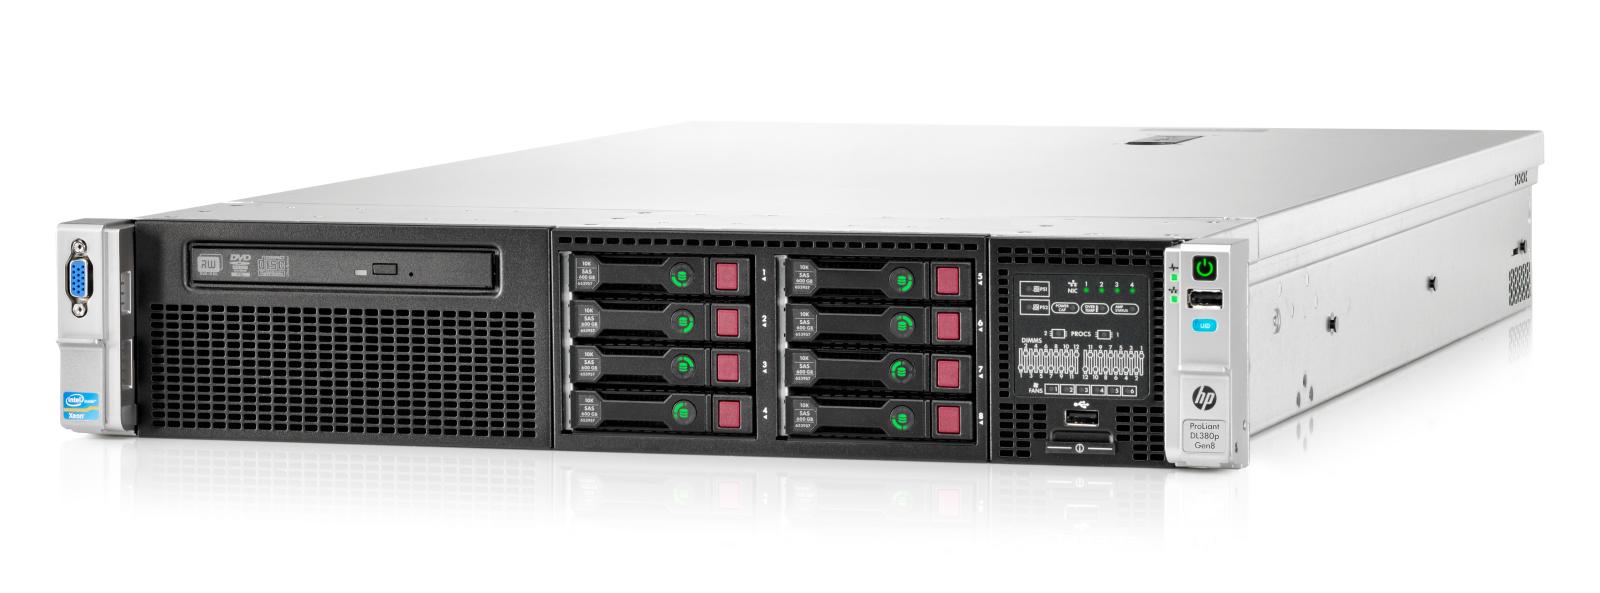 Обзор стоечного сервера HP ProLiant DL380p Gen8